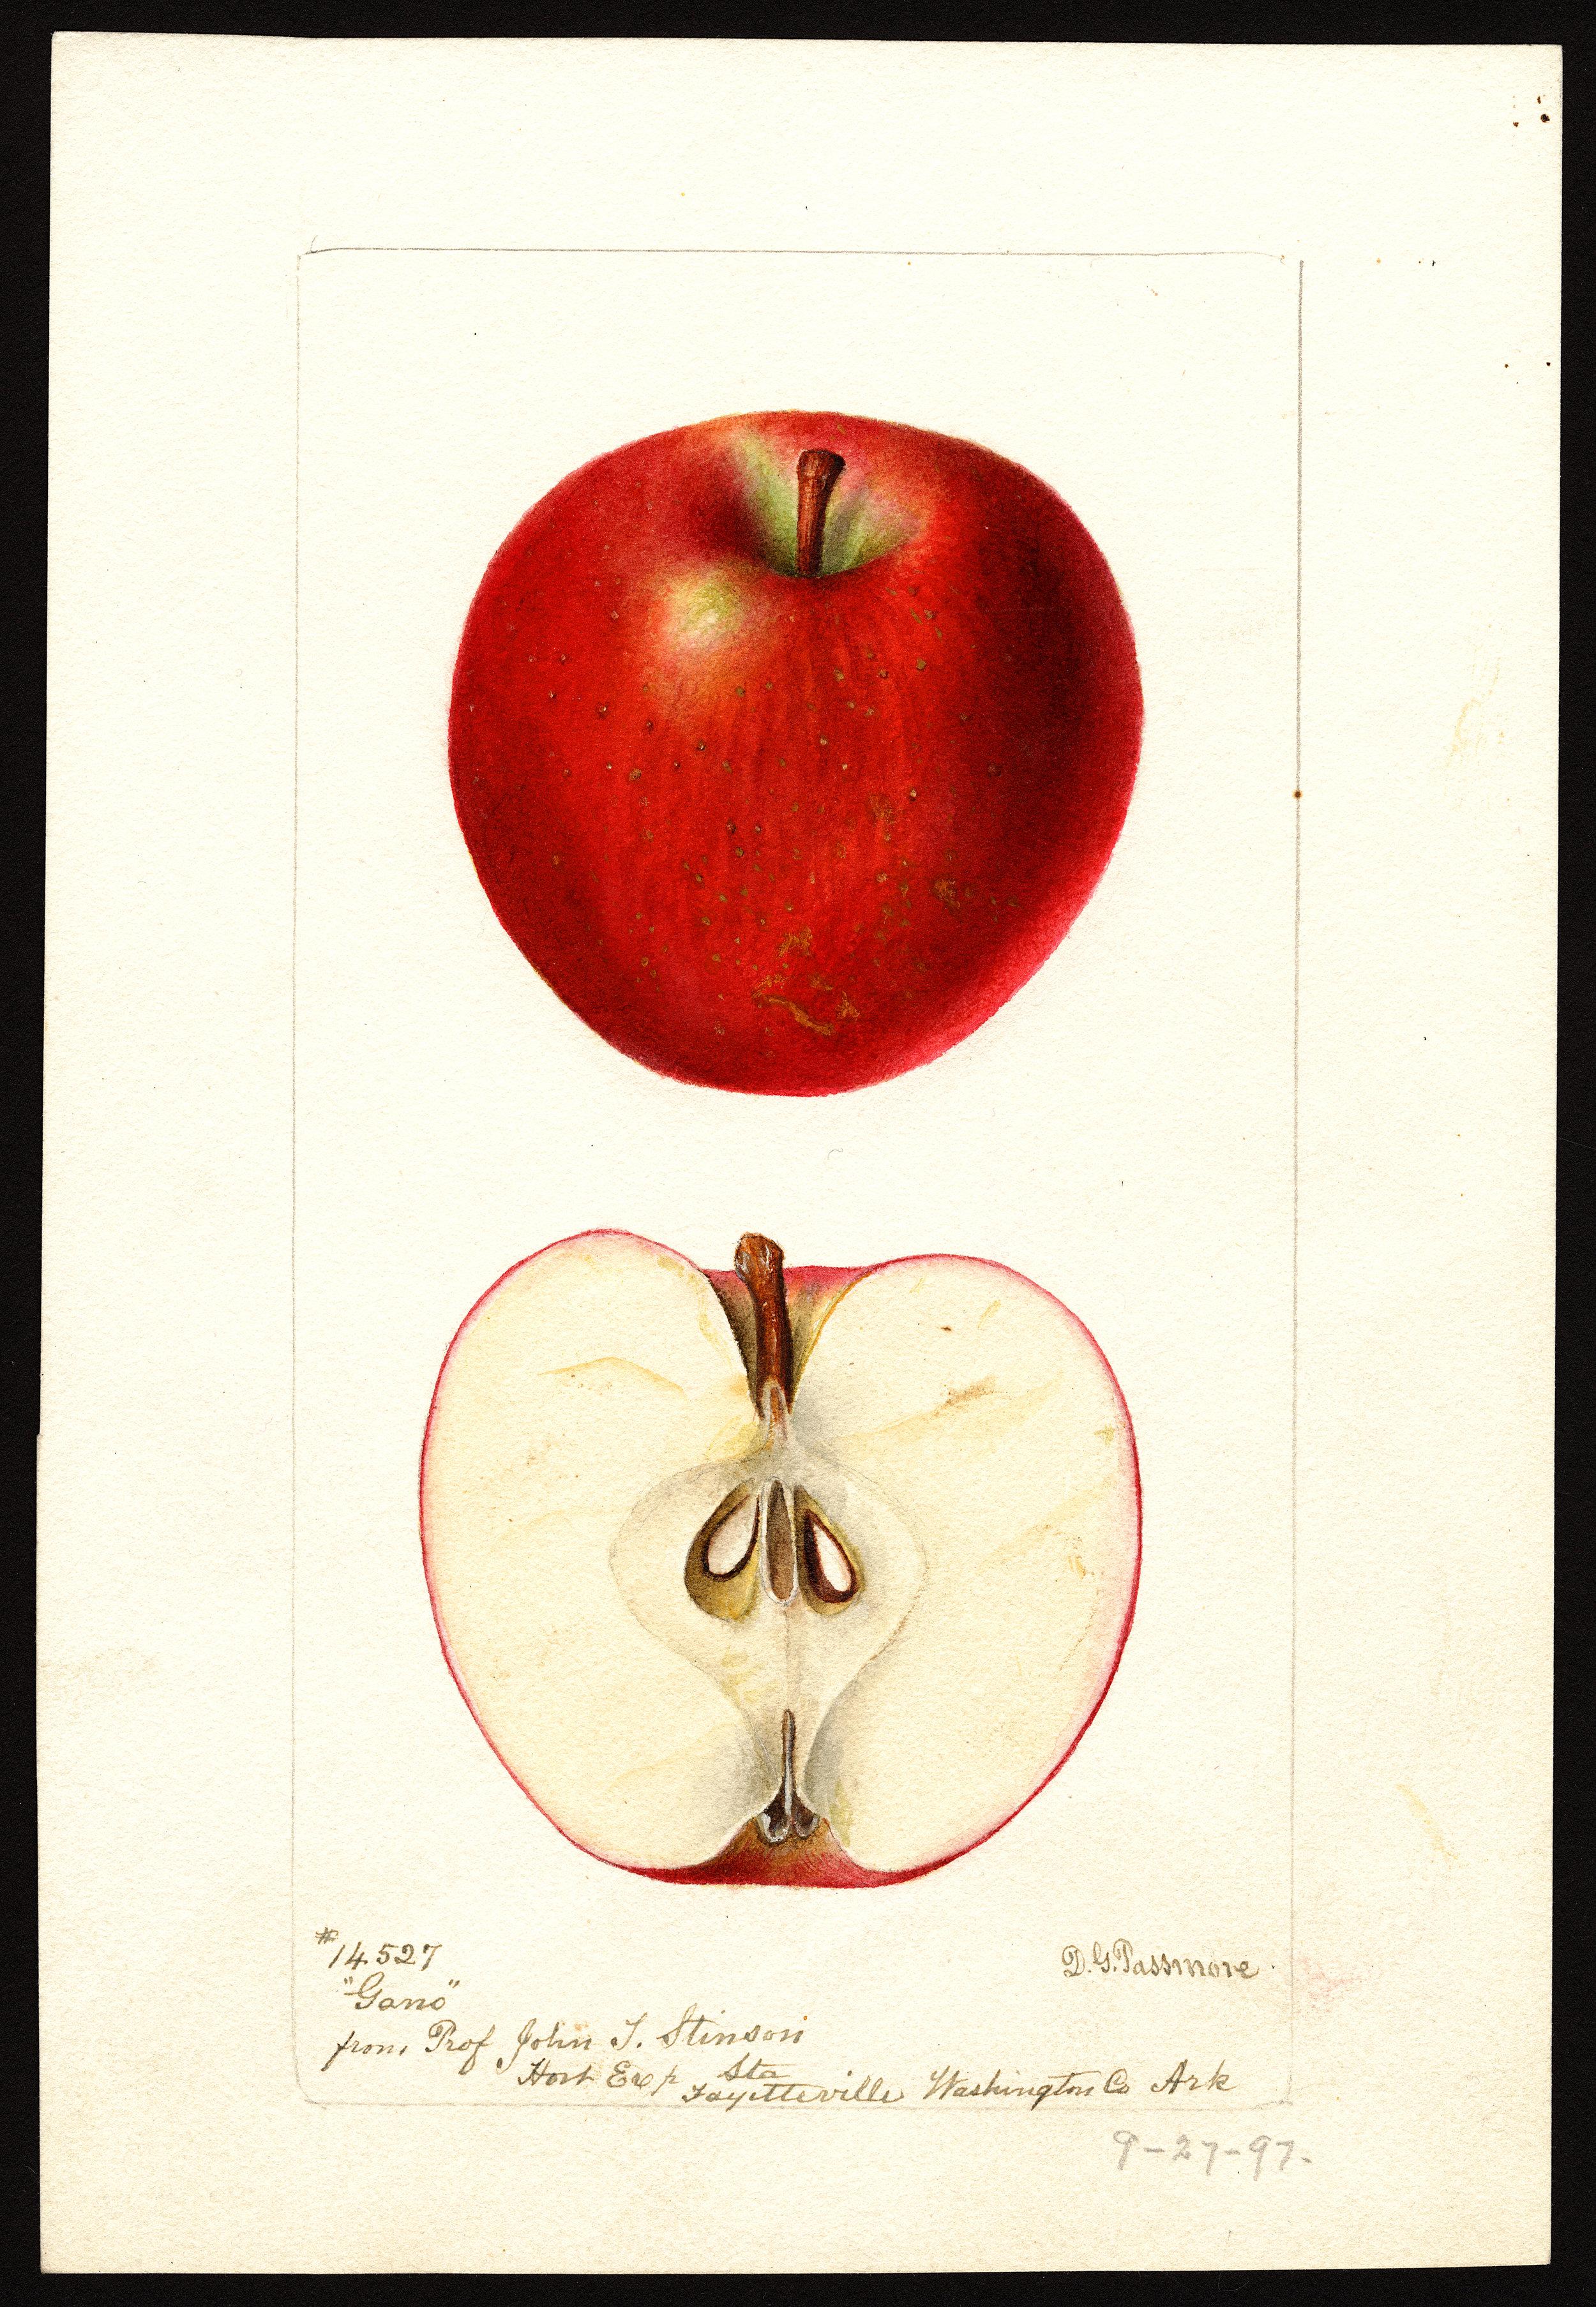 苹果,从美国画的画中。瓦妮莎·格林:《分类》杂志。